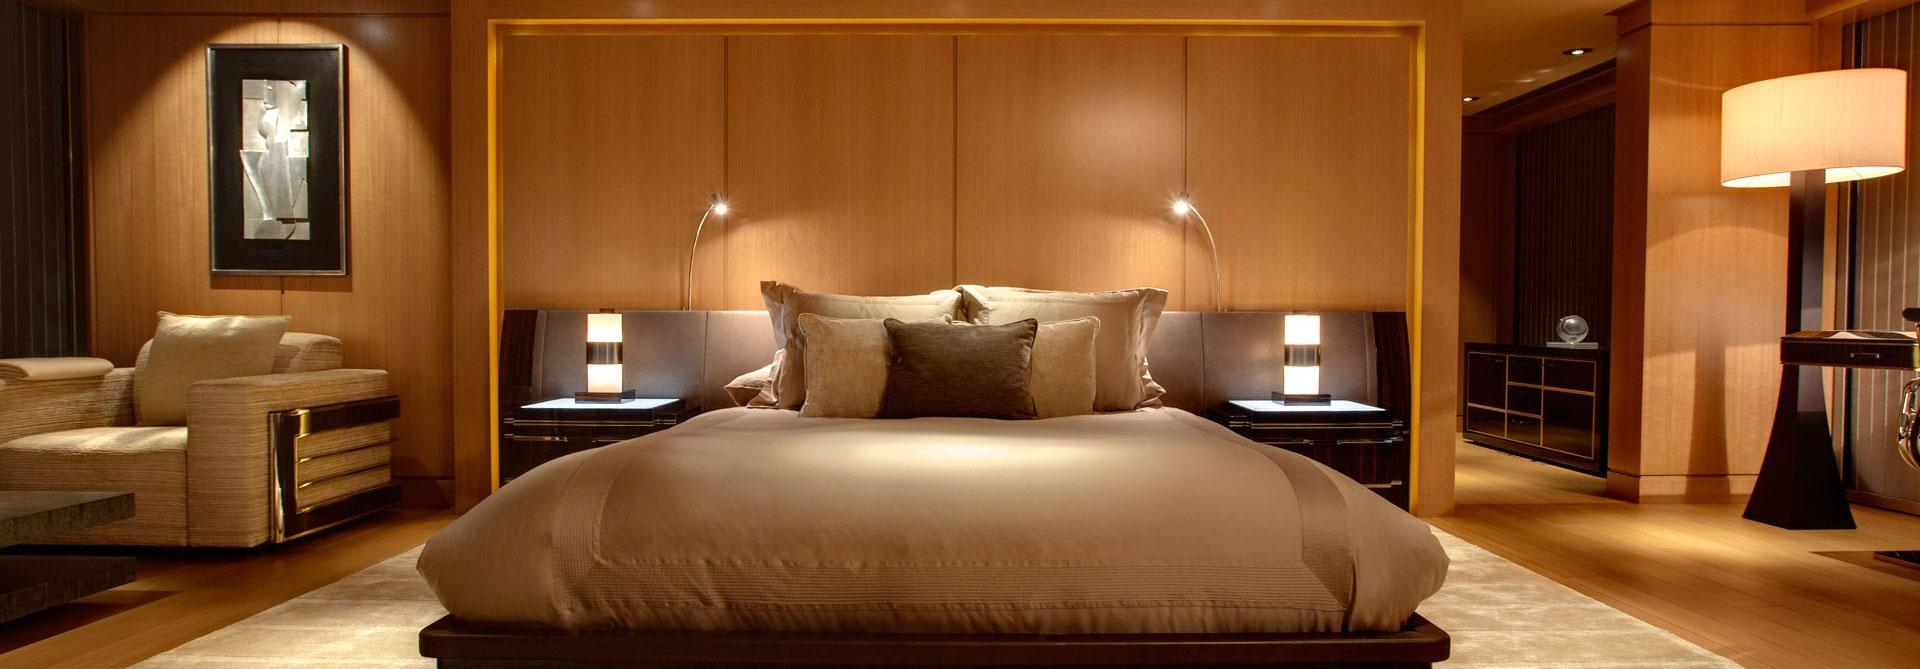 comment d corer avec du brun ou du marron. Black Bedroom Furniture Sets. Home Design Ideas